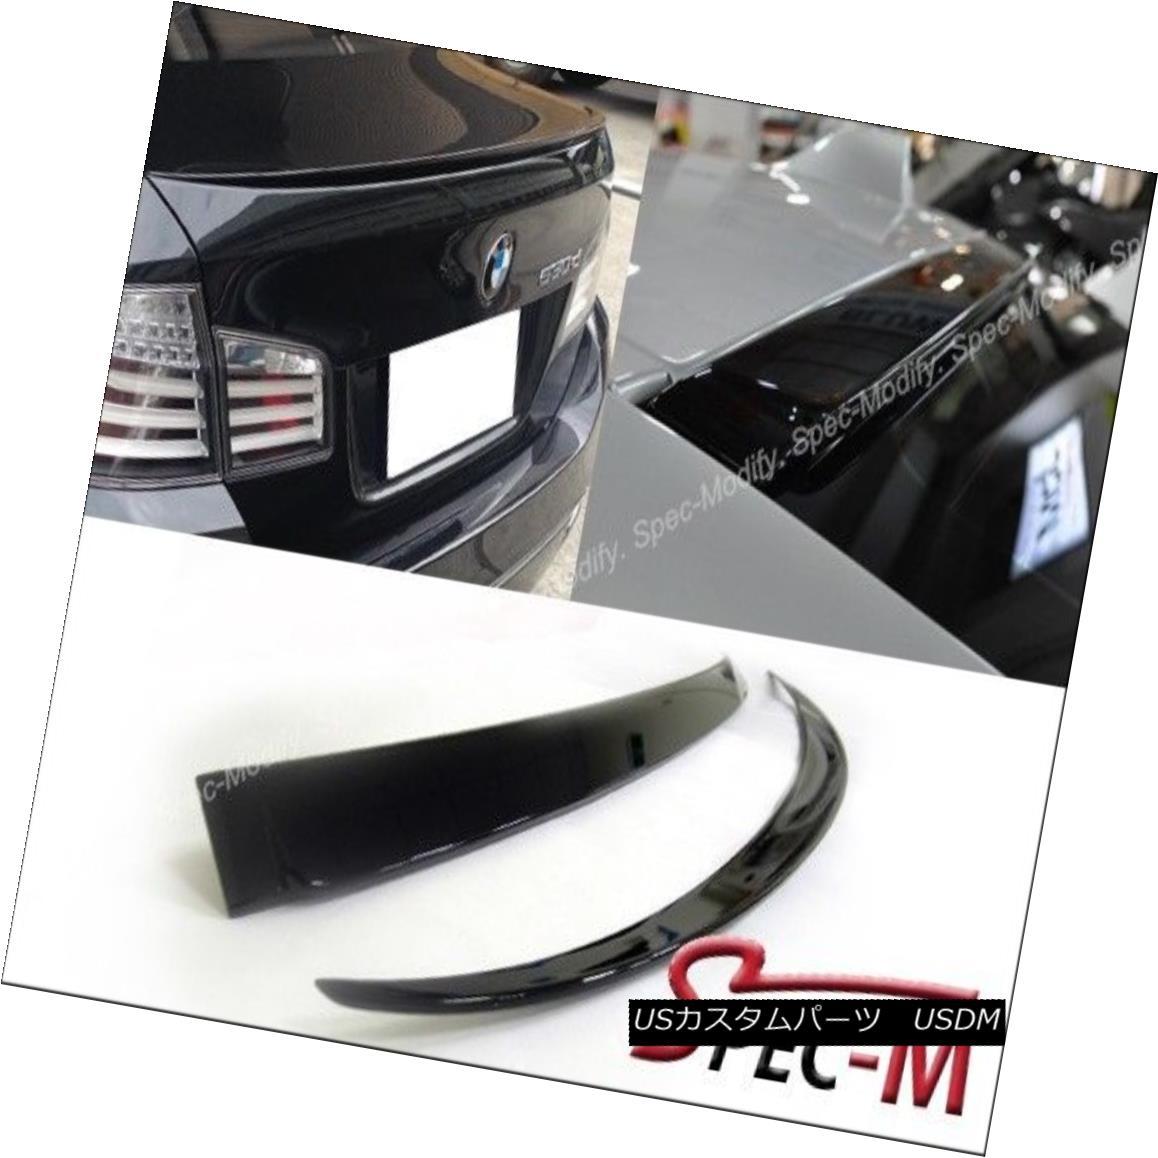 エアロパーツ Painted M5 Trunk Spoiler + AC Look Roof Lip For BMW 2011+ F10 528i 535i 550i 塗装済みM5トランク・スポイラー+ ACルック・リップ・フォー・BMW 2011+ F10 528i 535i 550i